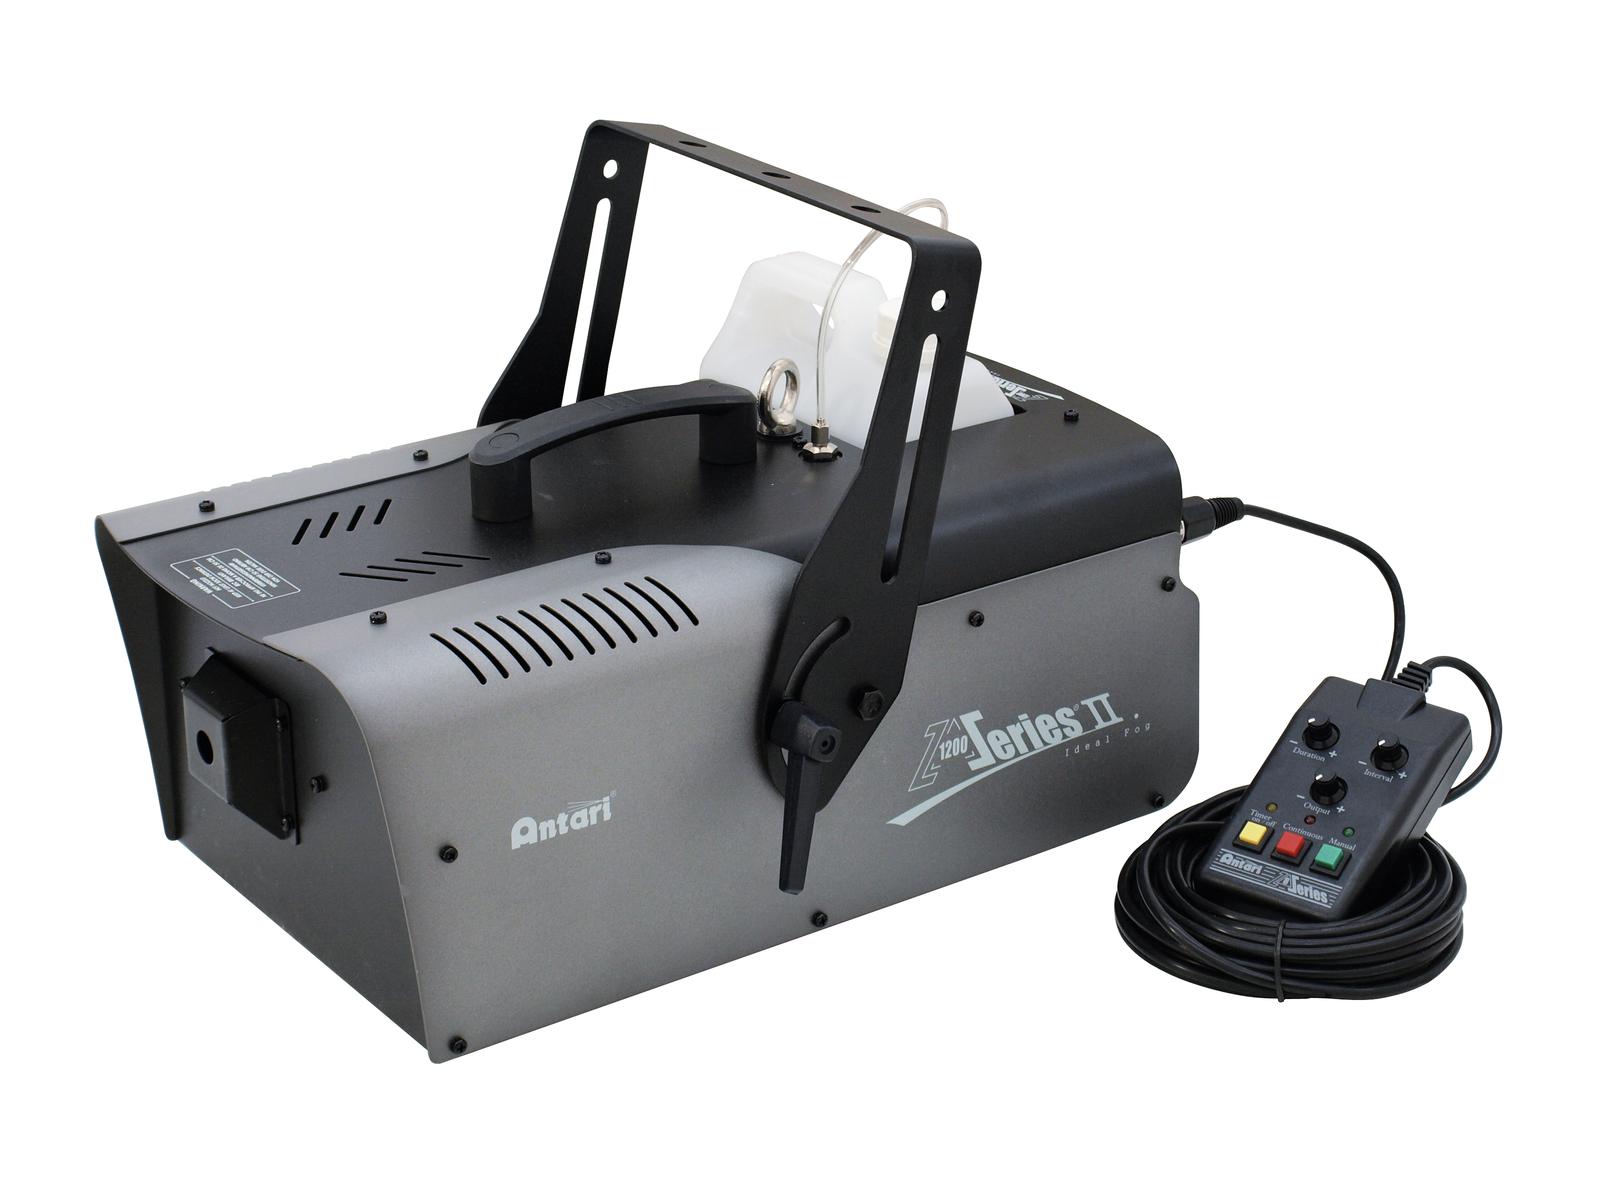 Macchina del fumo 1200 W interfaccia dmx timer e controller, ANTARI Z-1200 MK2